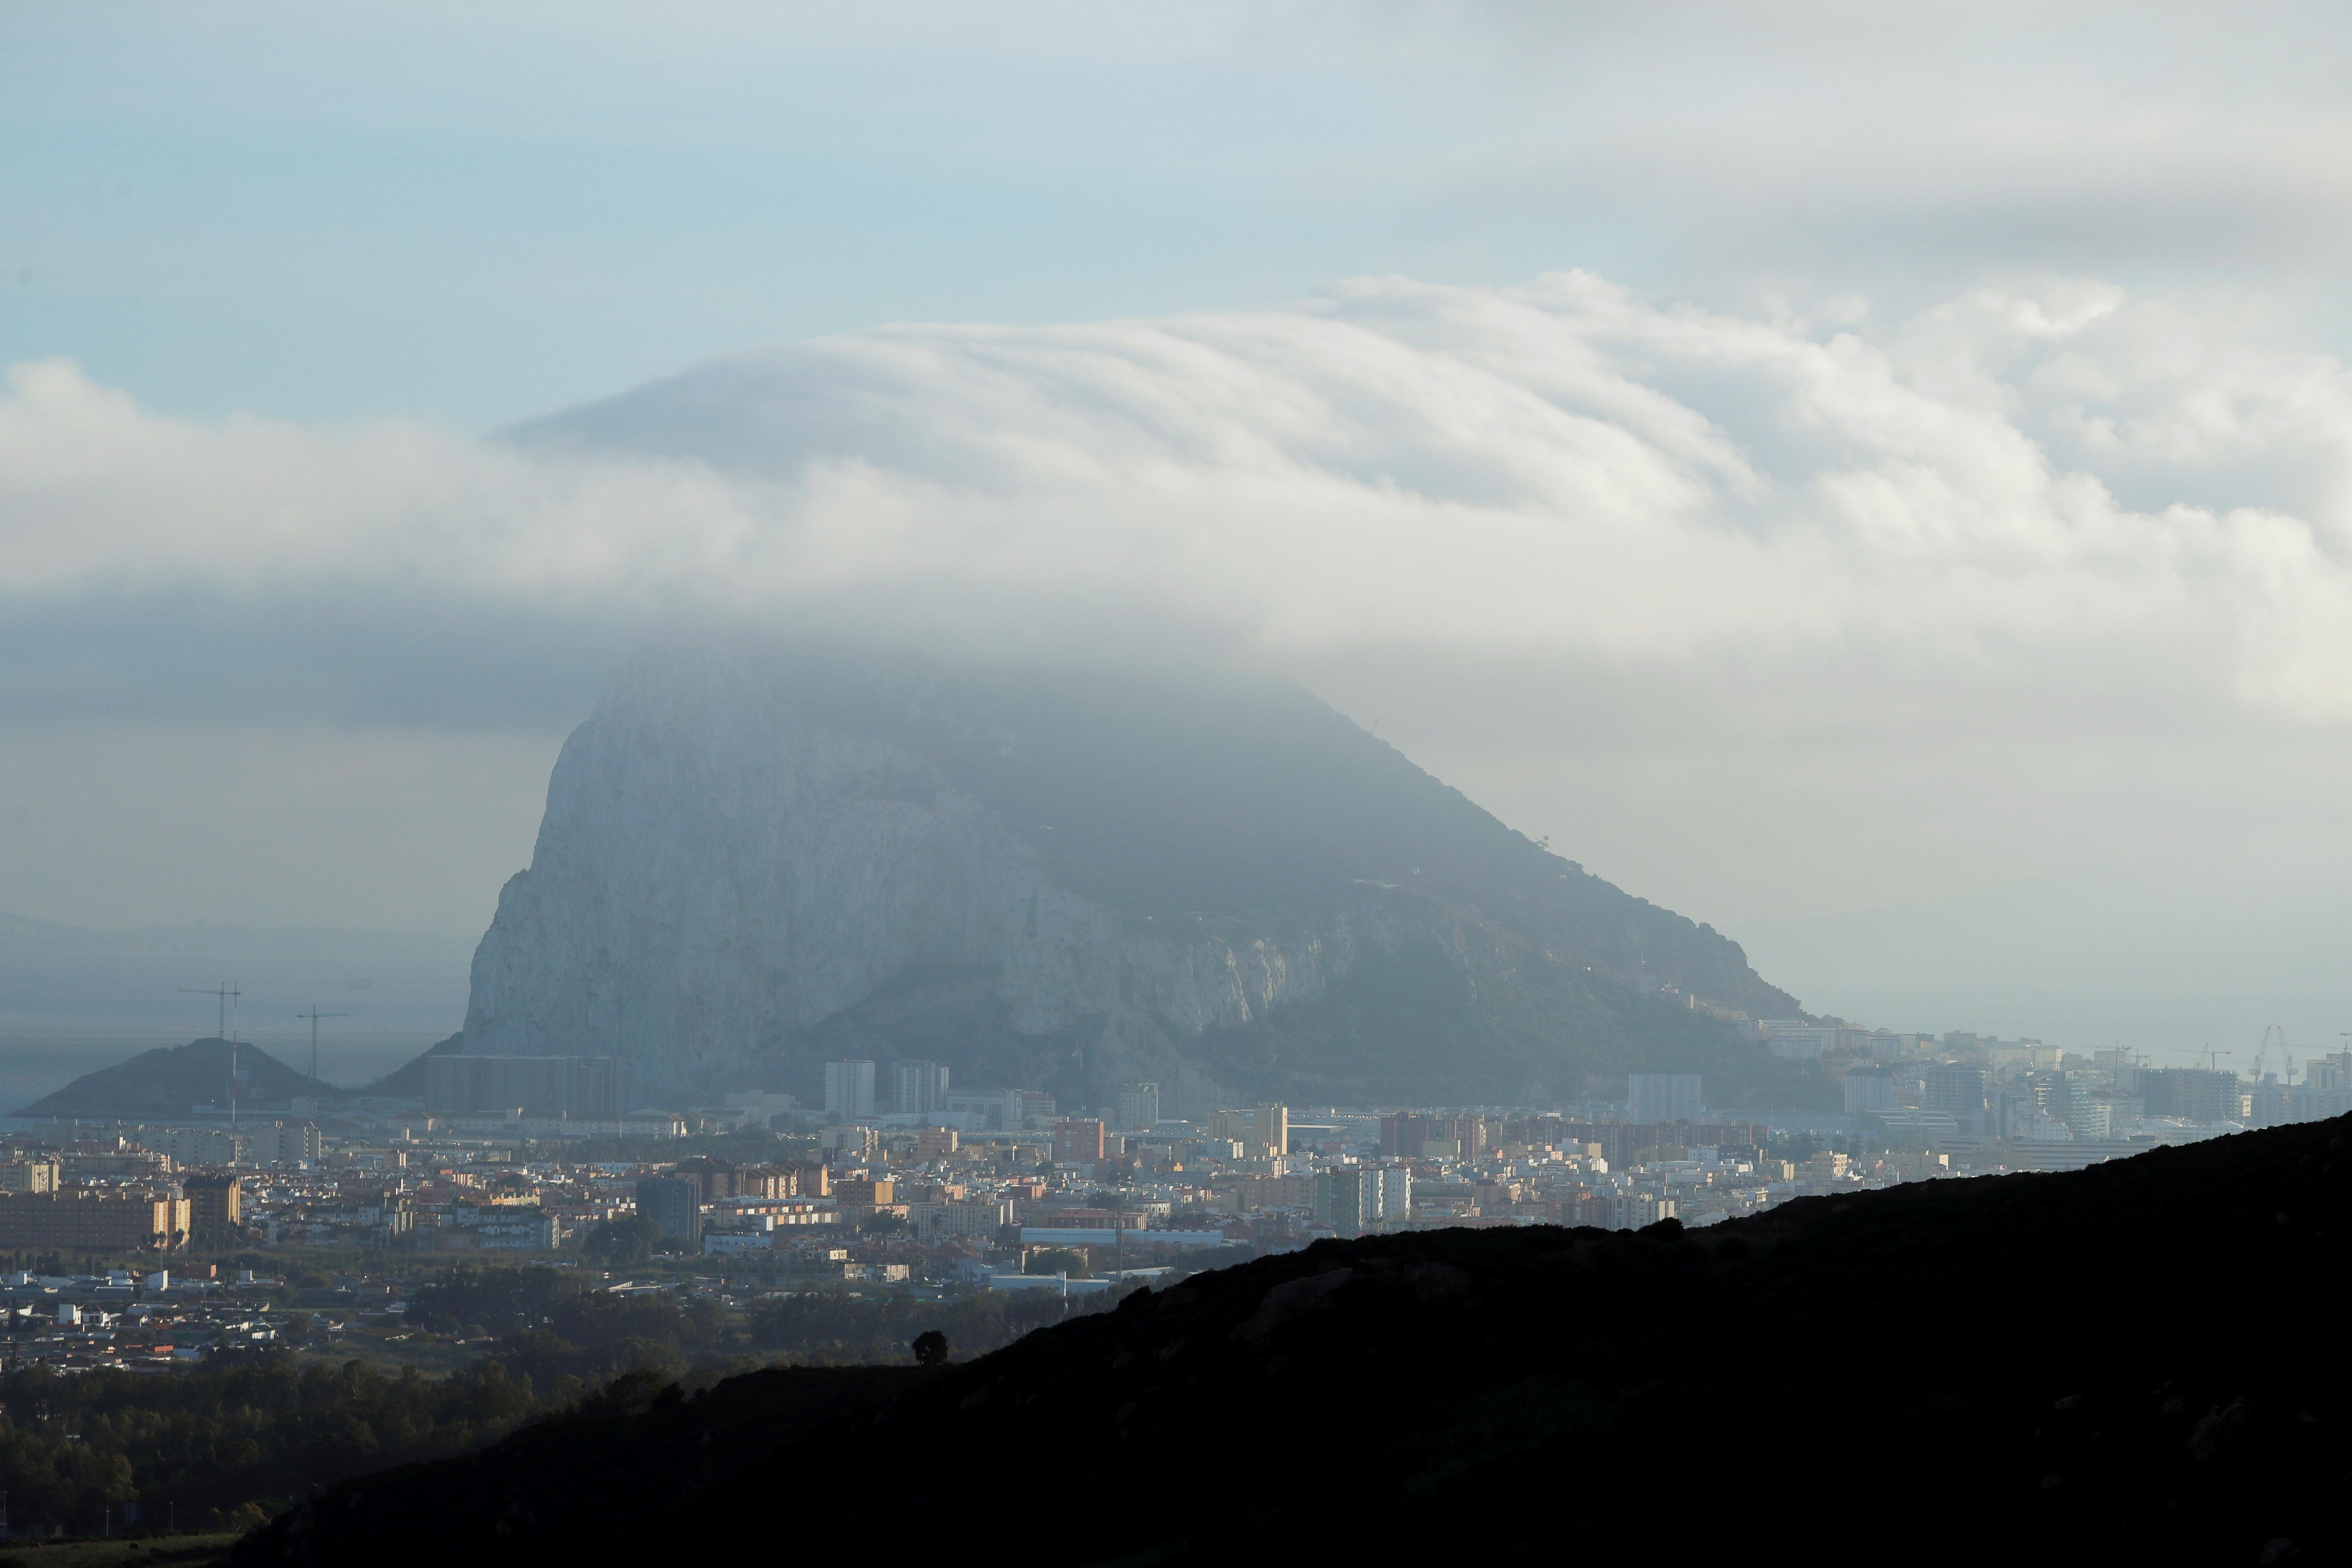 Vista del Peñón de Gibraltar.